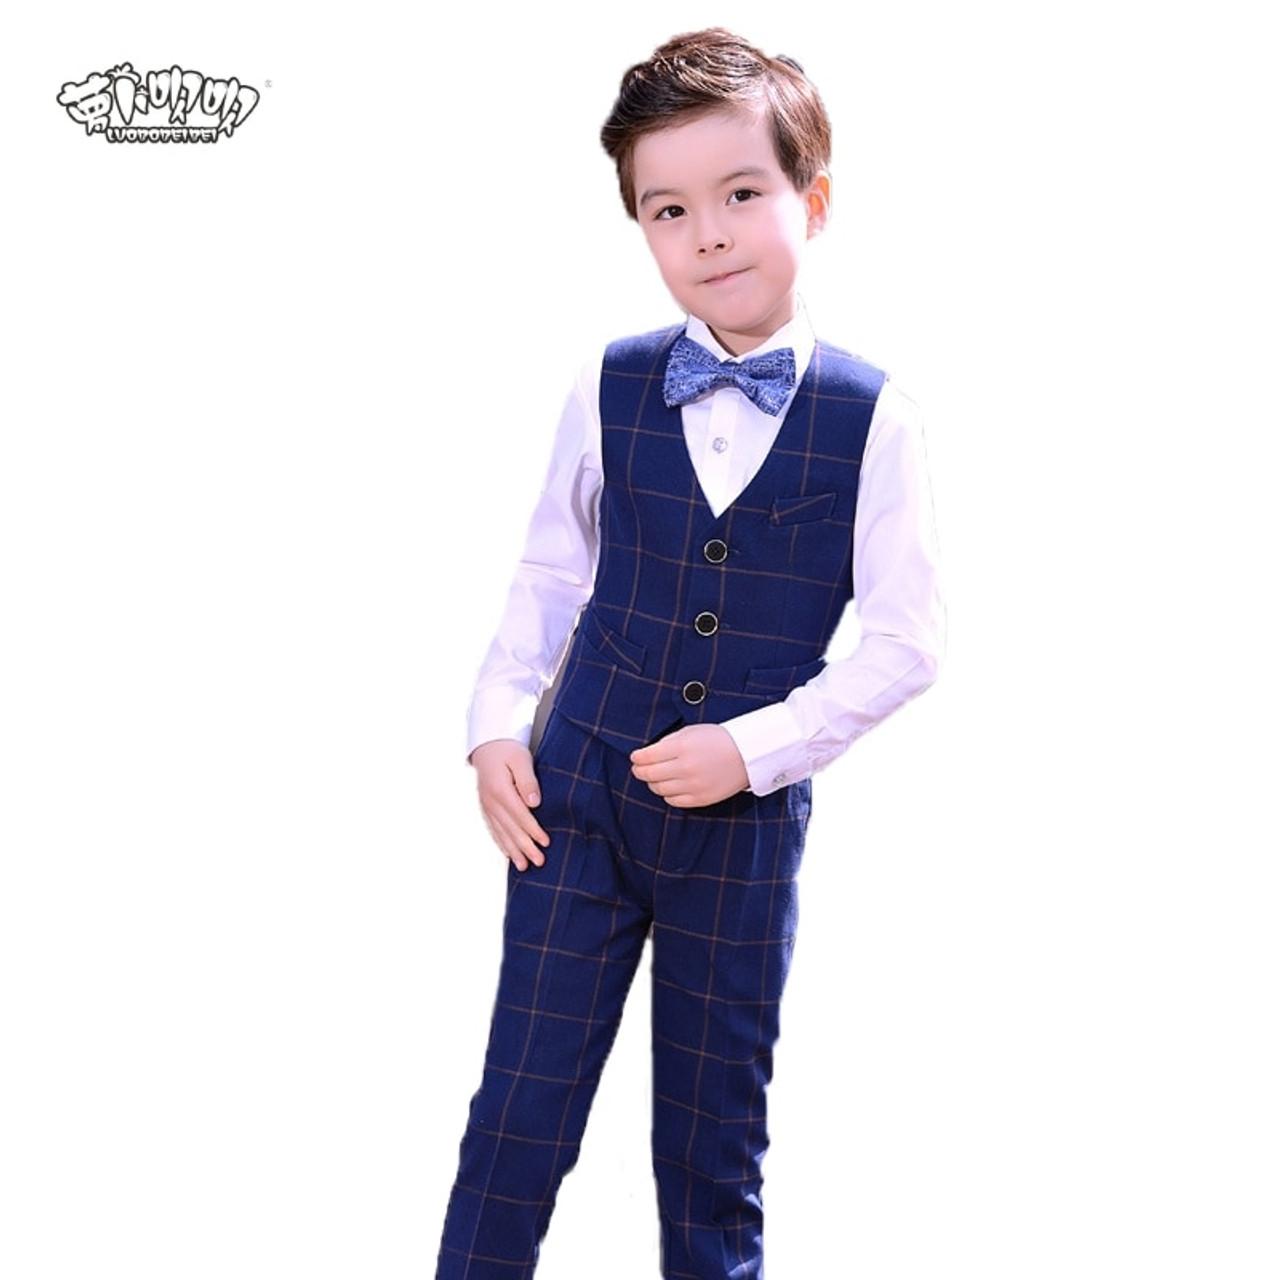 Pants Kids Clothes Outfits Necktie Shirt 4pcs//set Baby Boys Dress Suit Vest